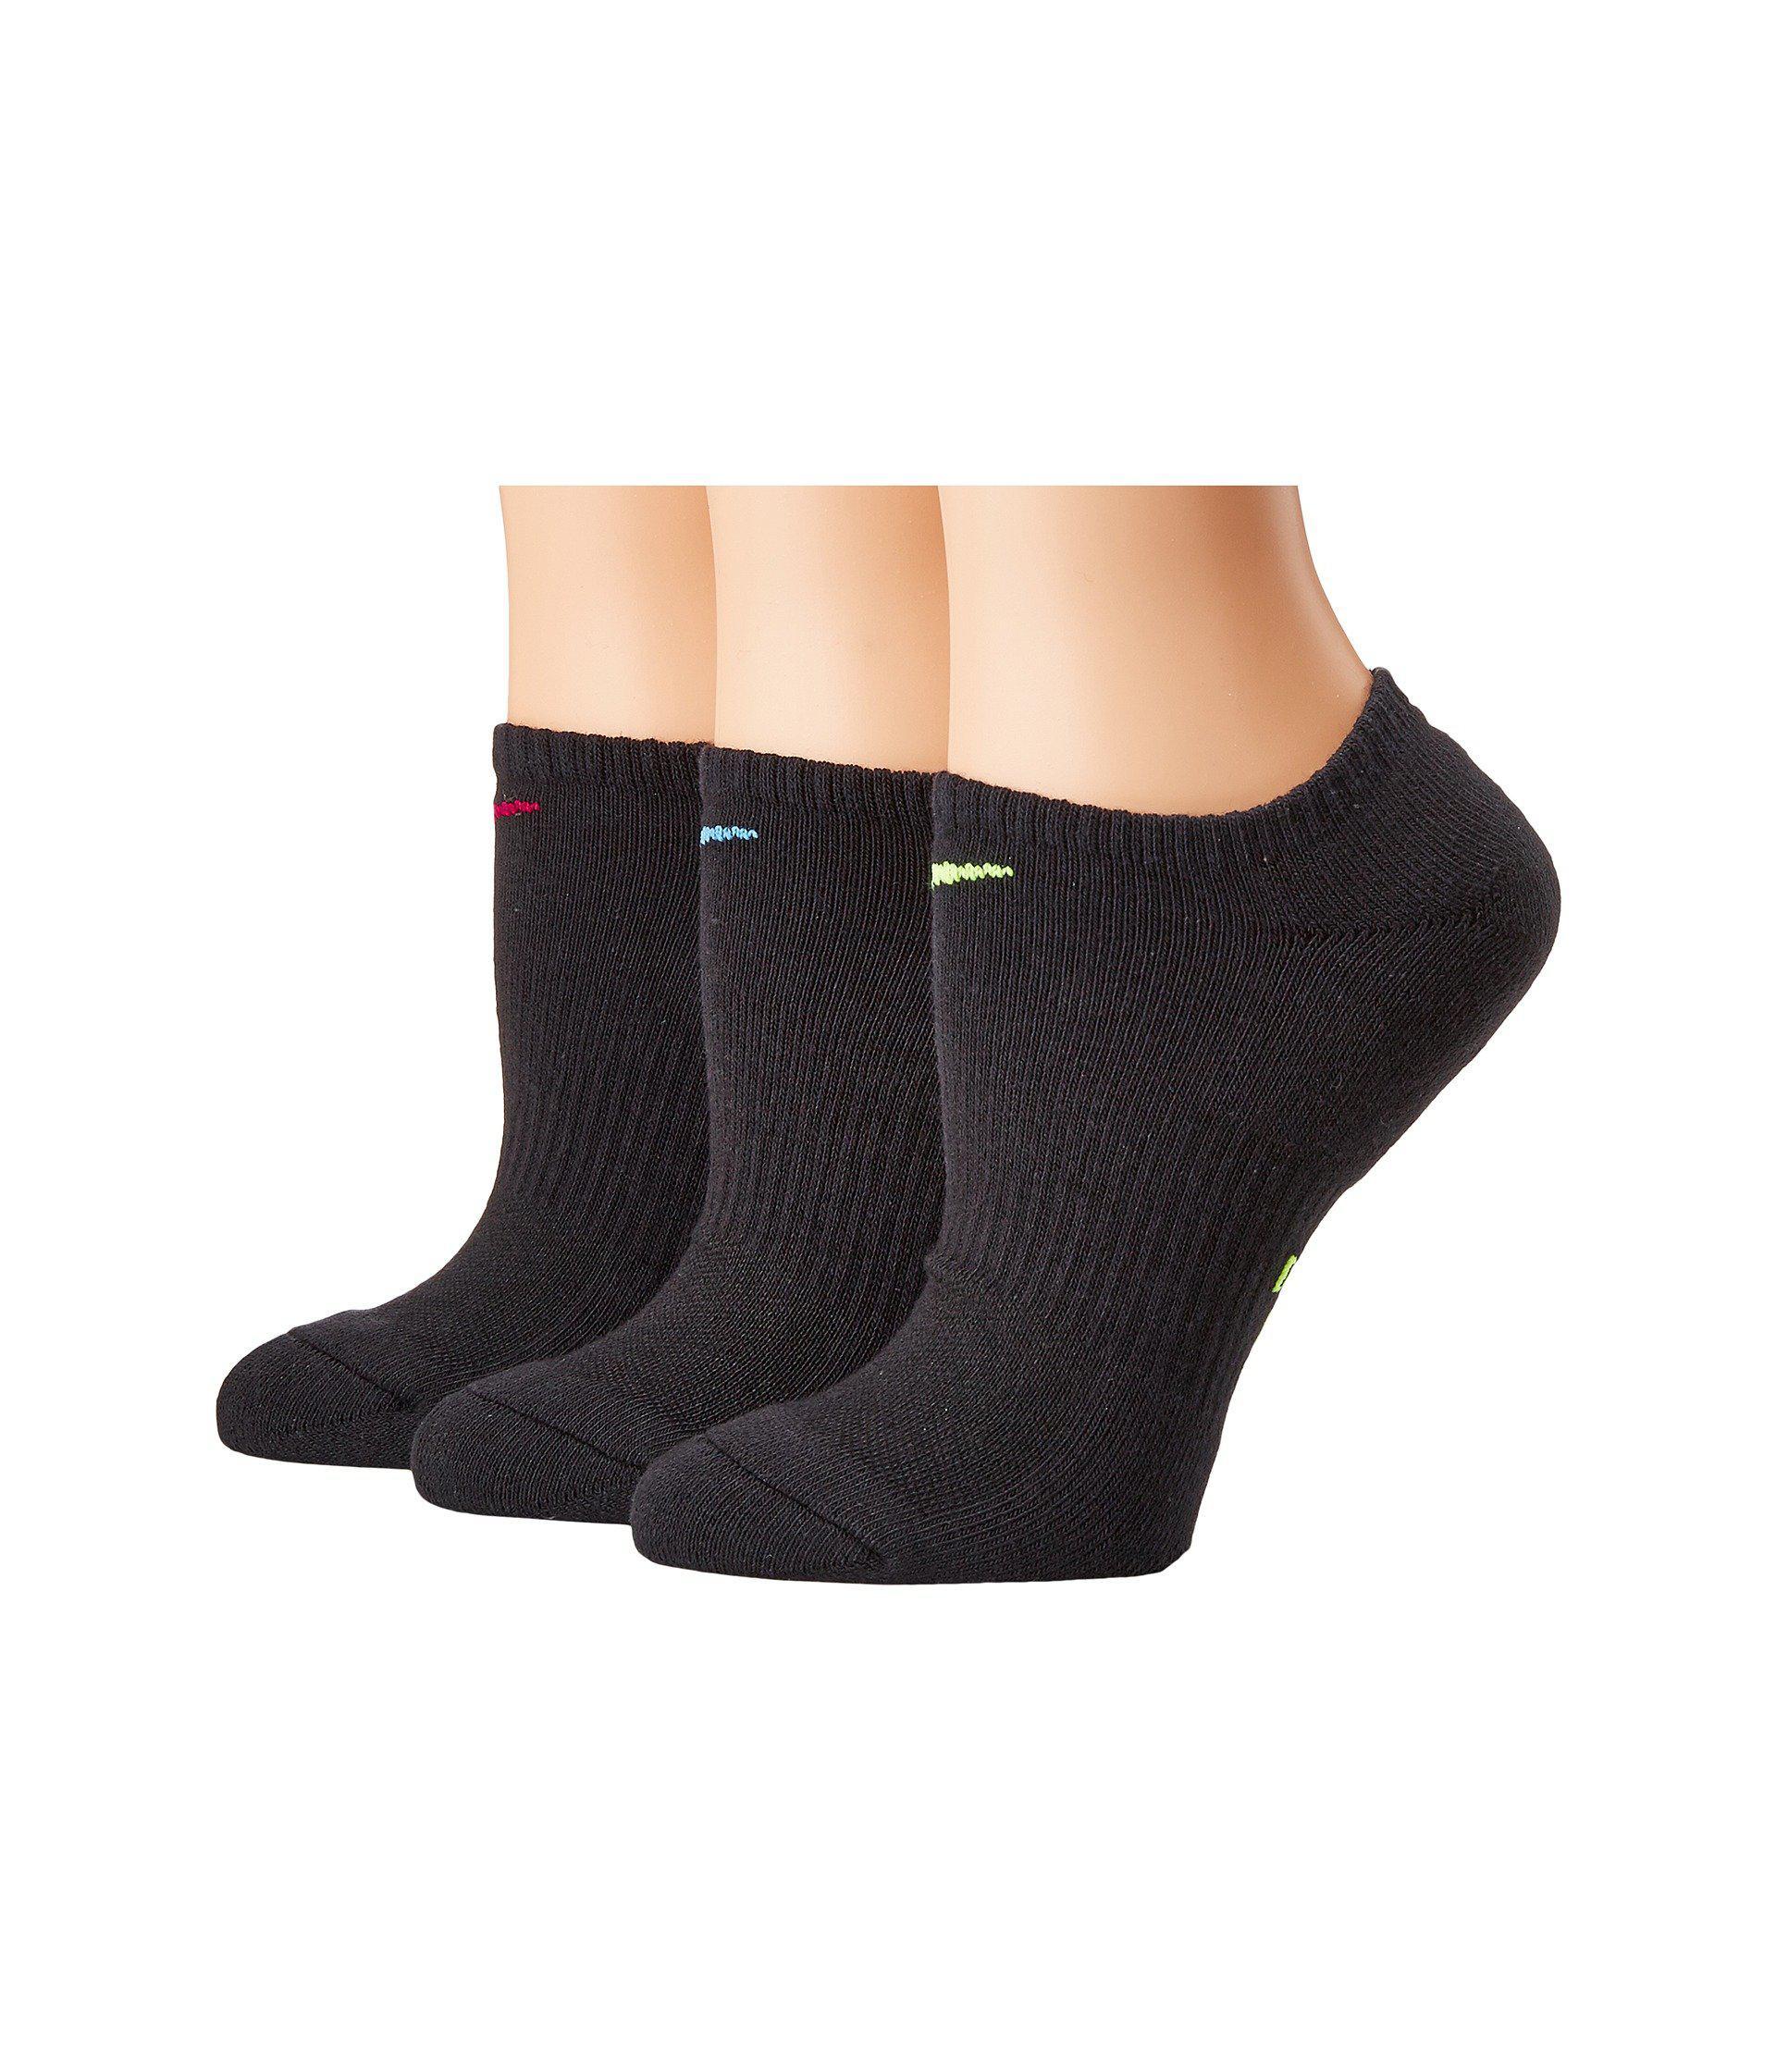 f3270759ea2cdf Nike. Black Performance Cushioned Mesh No Show Training Socks 3-pair Pack  ...